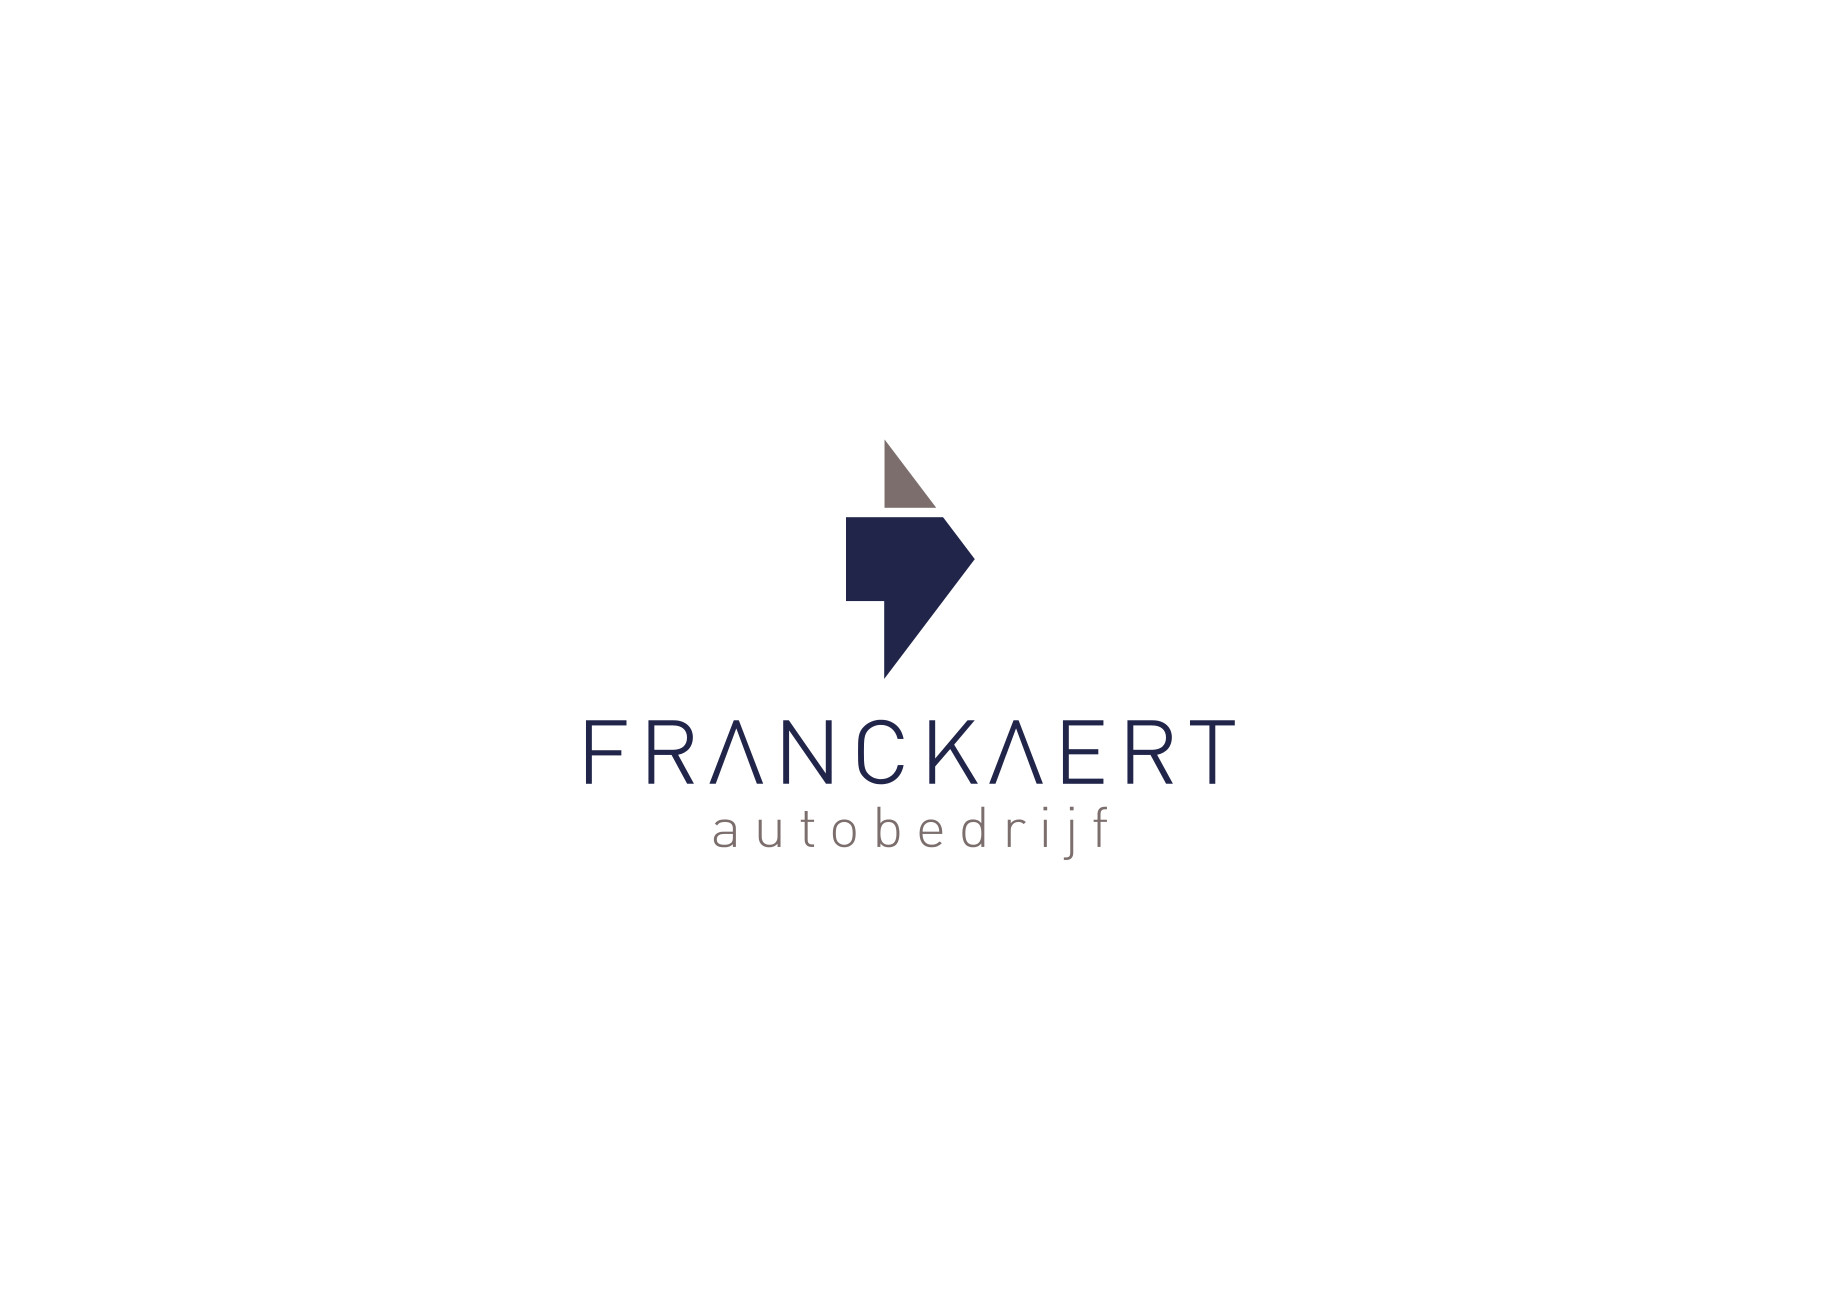 Franckaert logo.jpg